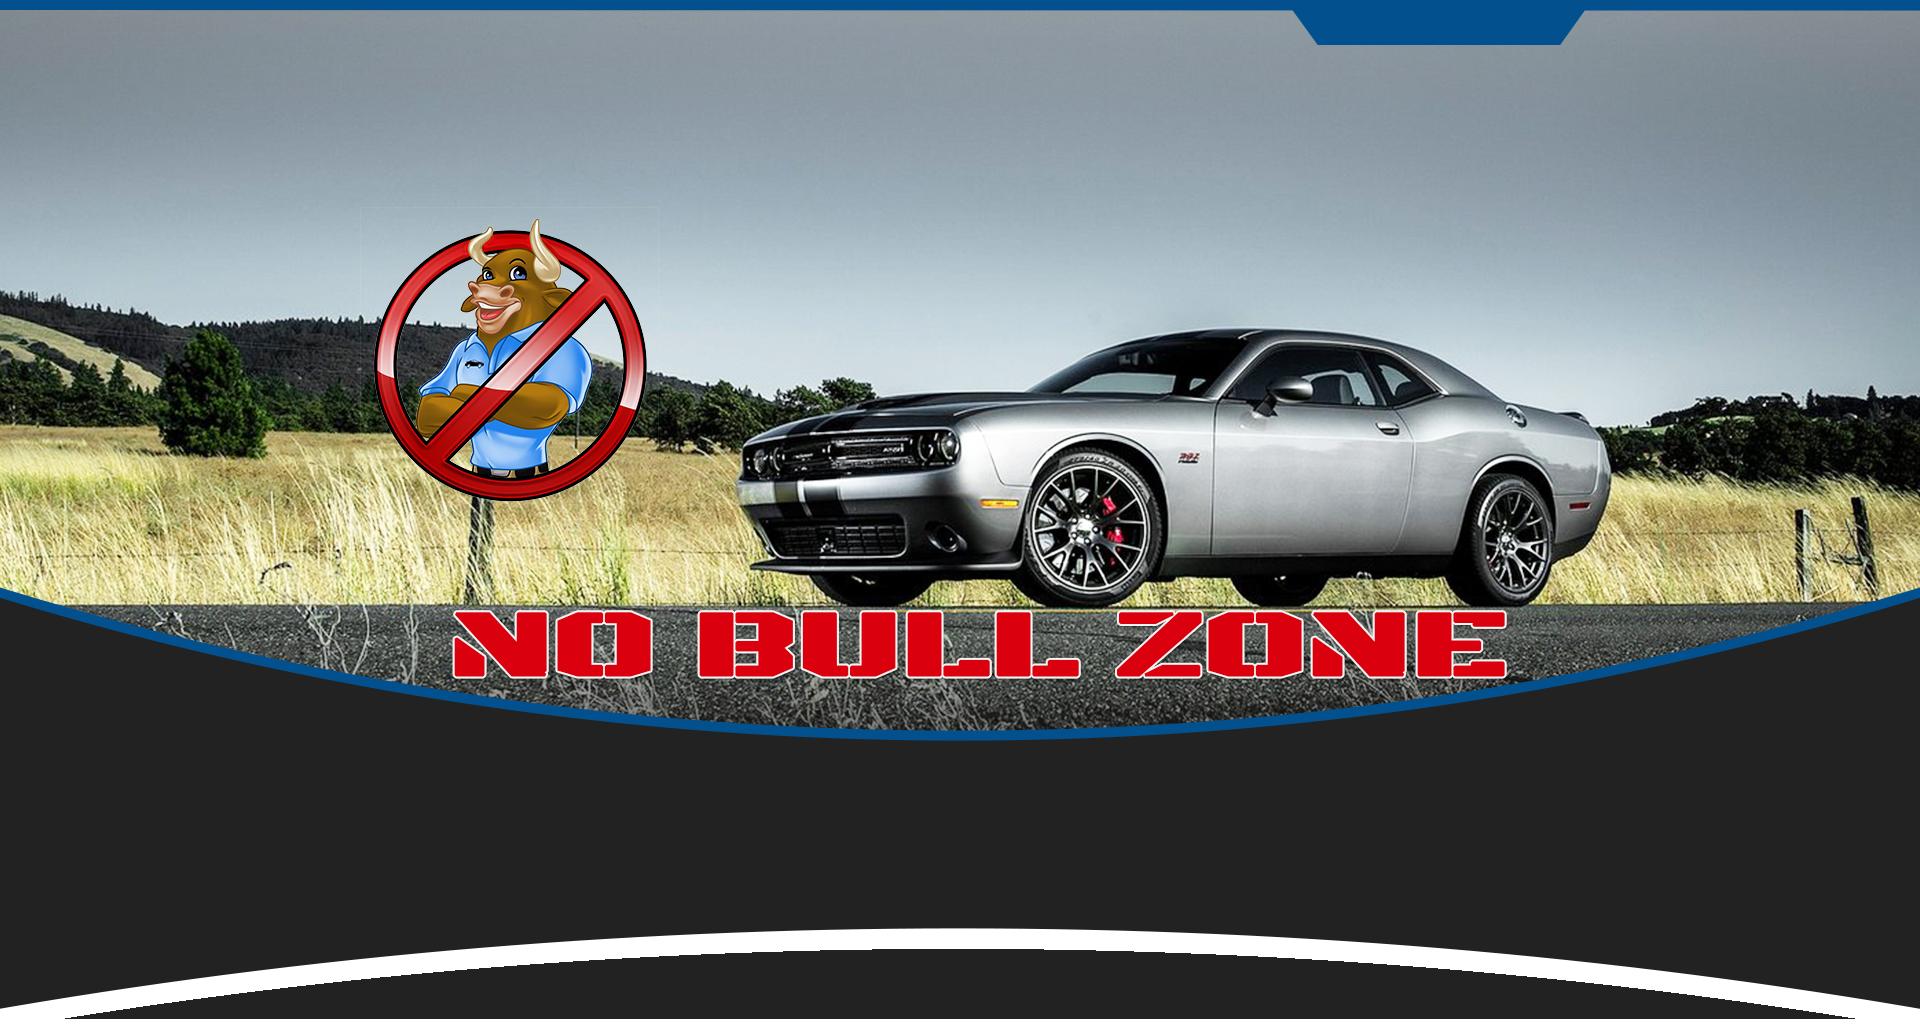 car guys lenoir nc  Car Guys - Used Cars - Lenoir NC Dealer